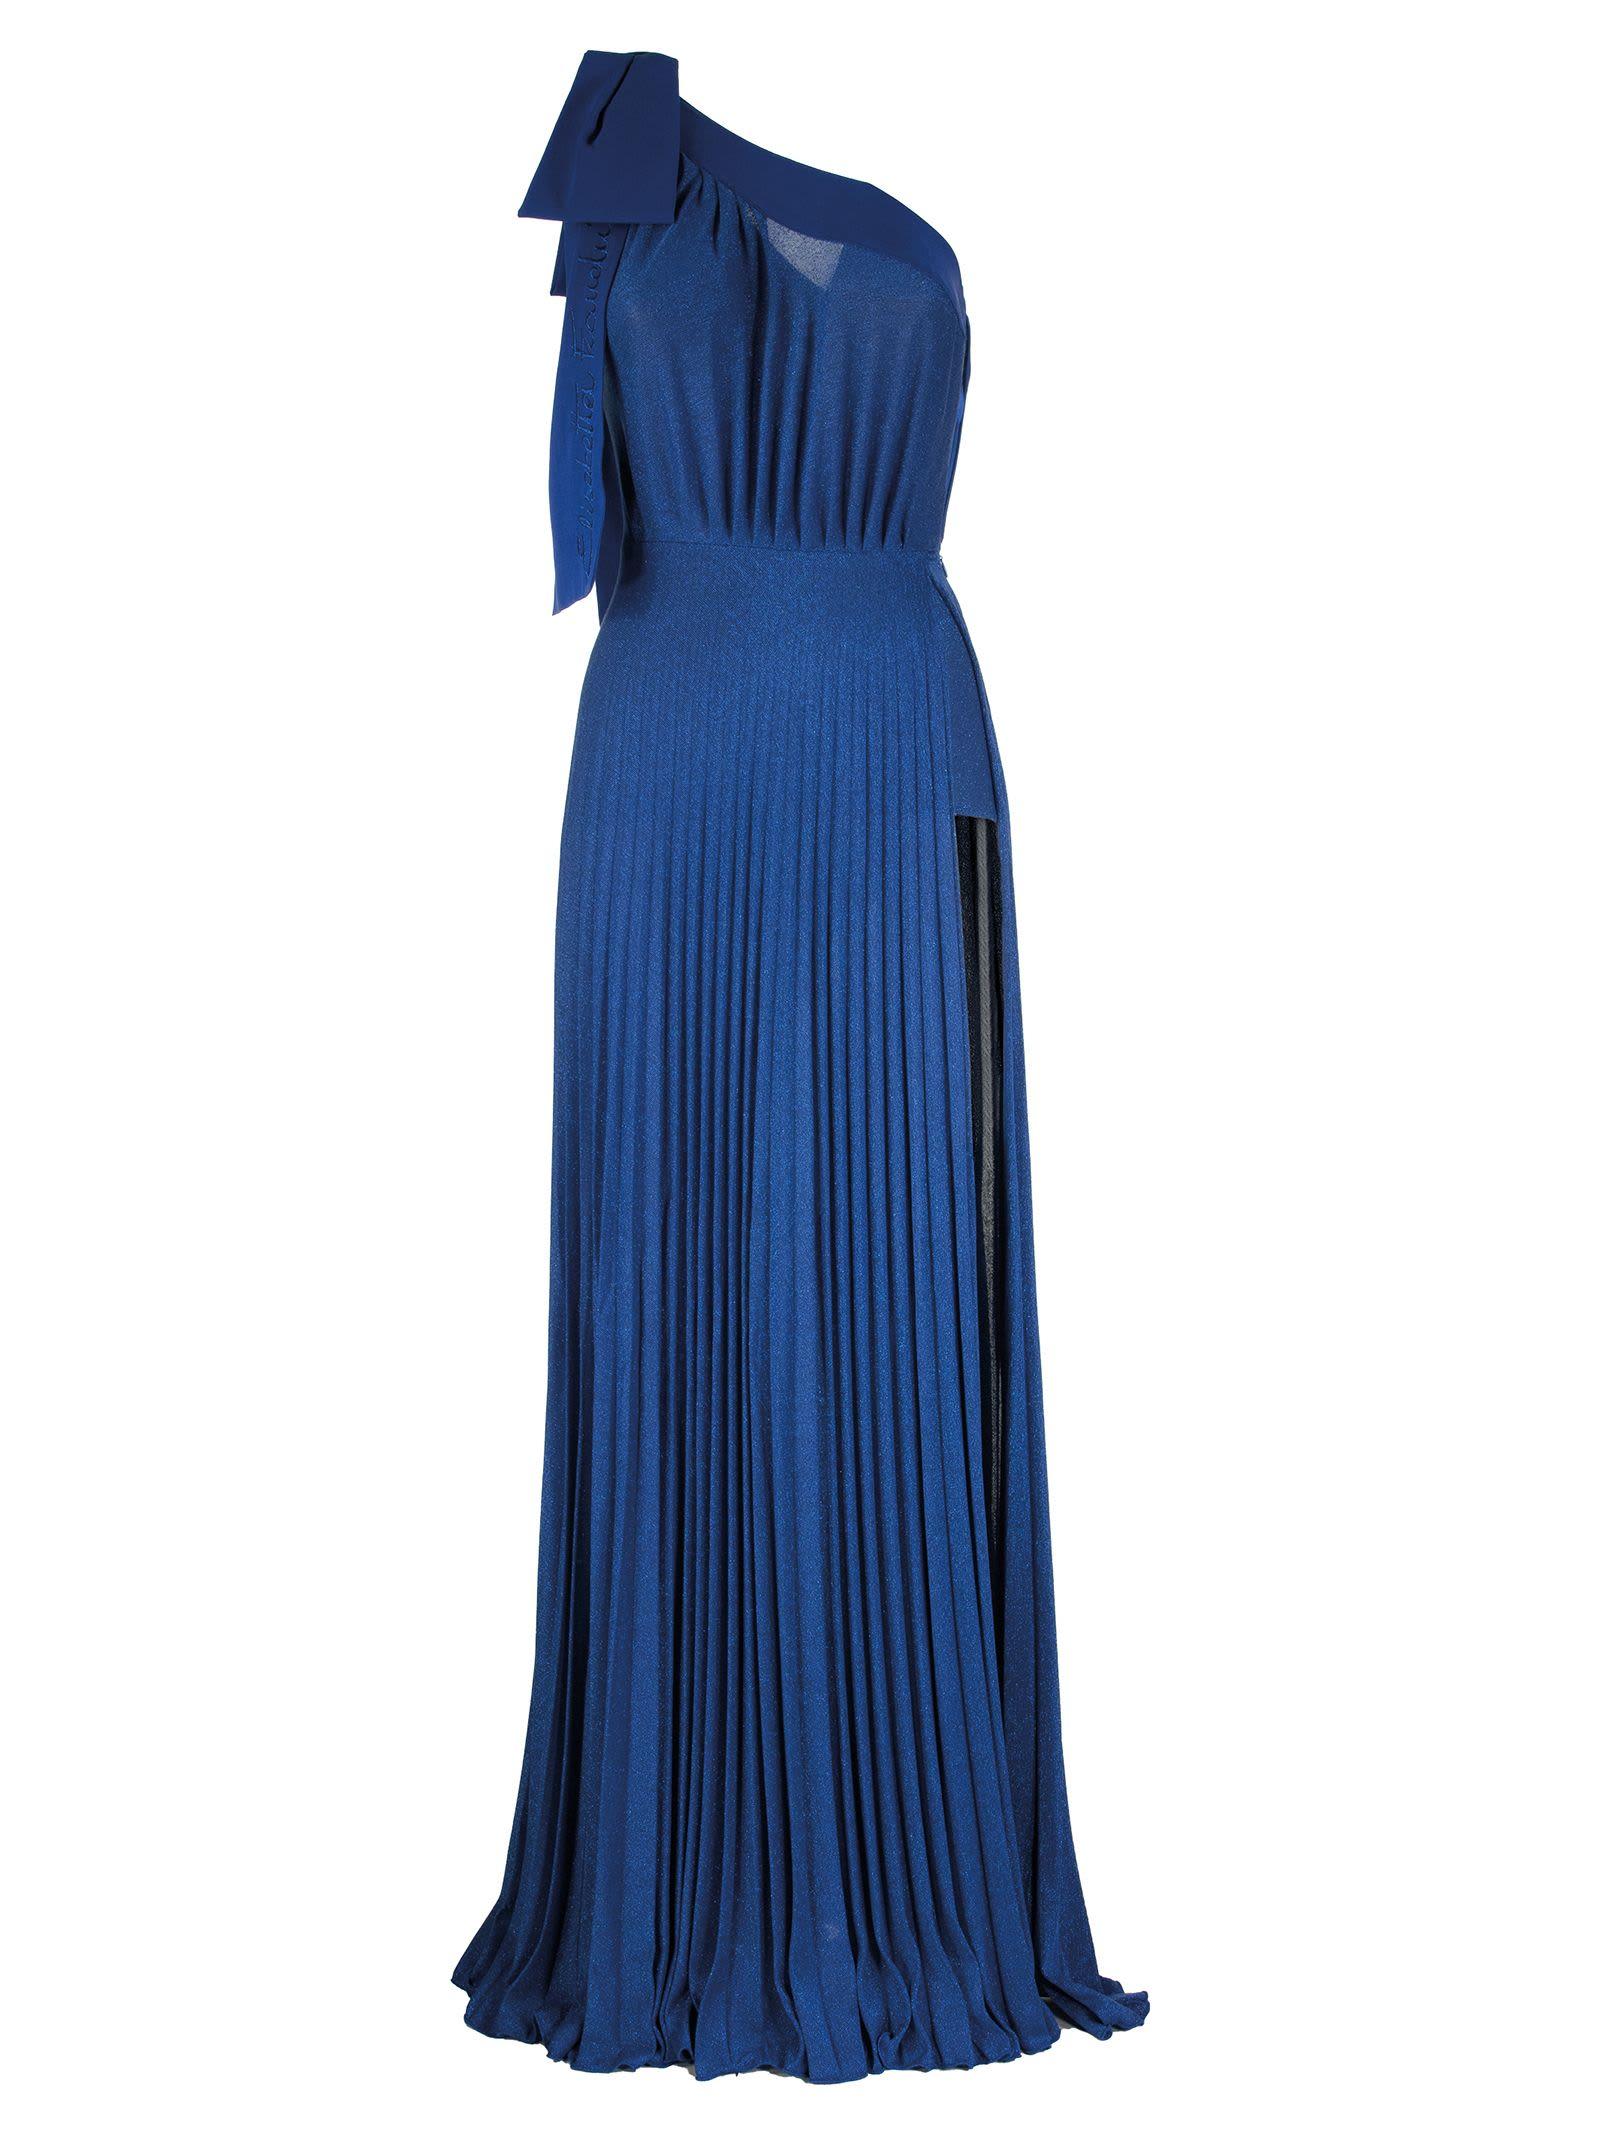 Buy Elisabetta Franchi Celyn B. One-shoulder Maxi Dress online, shop Elisabetta Franchi Celyn B. with free shipping